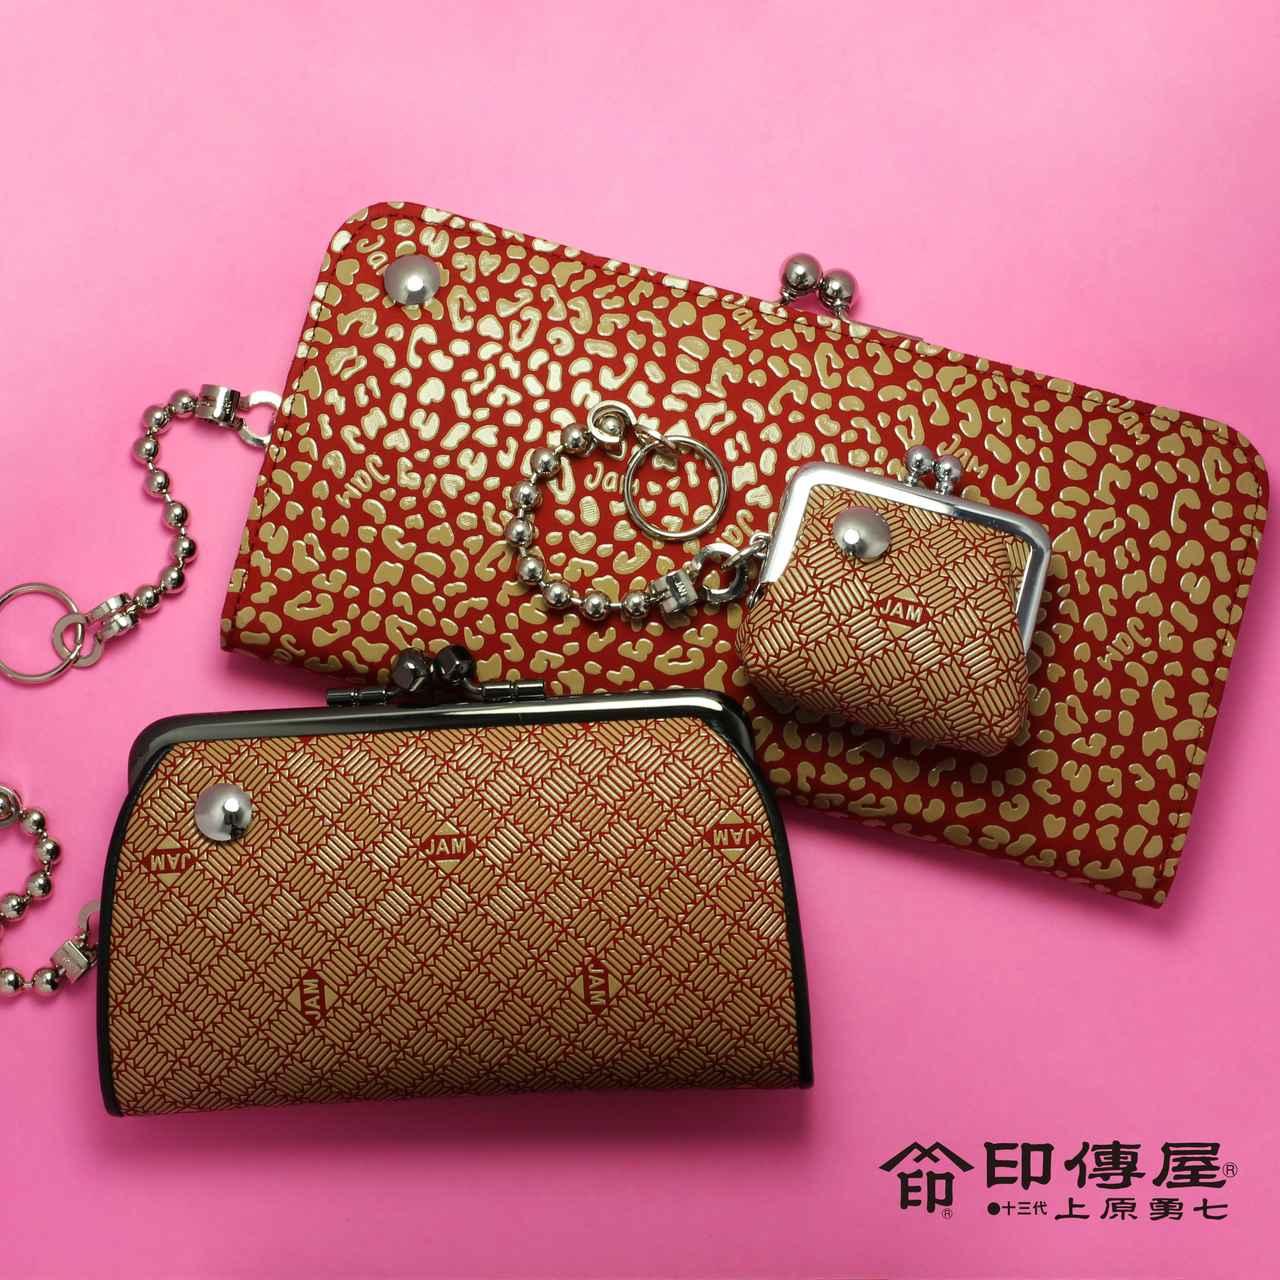 画像: アクセサリー・財布の企画・製造・販売 - JAM HOME MADE